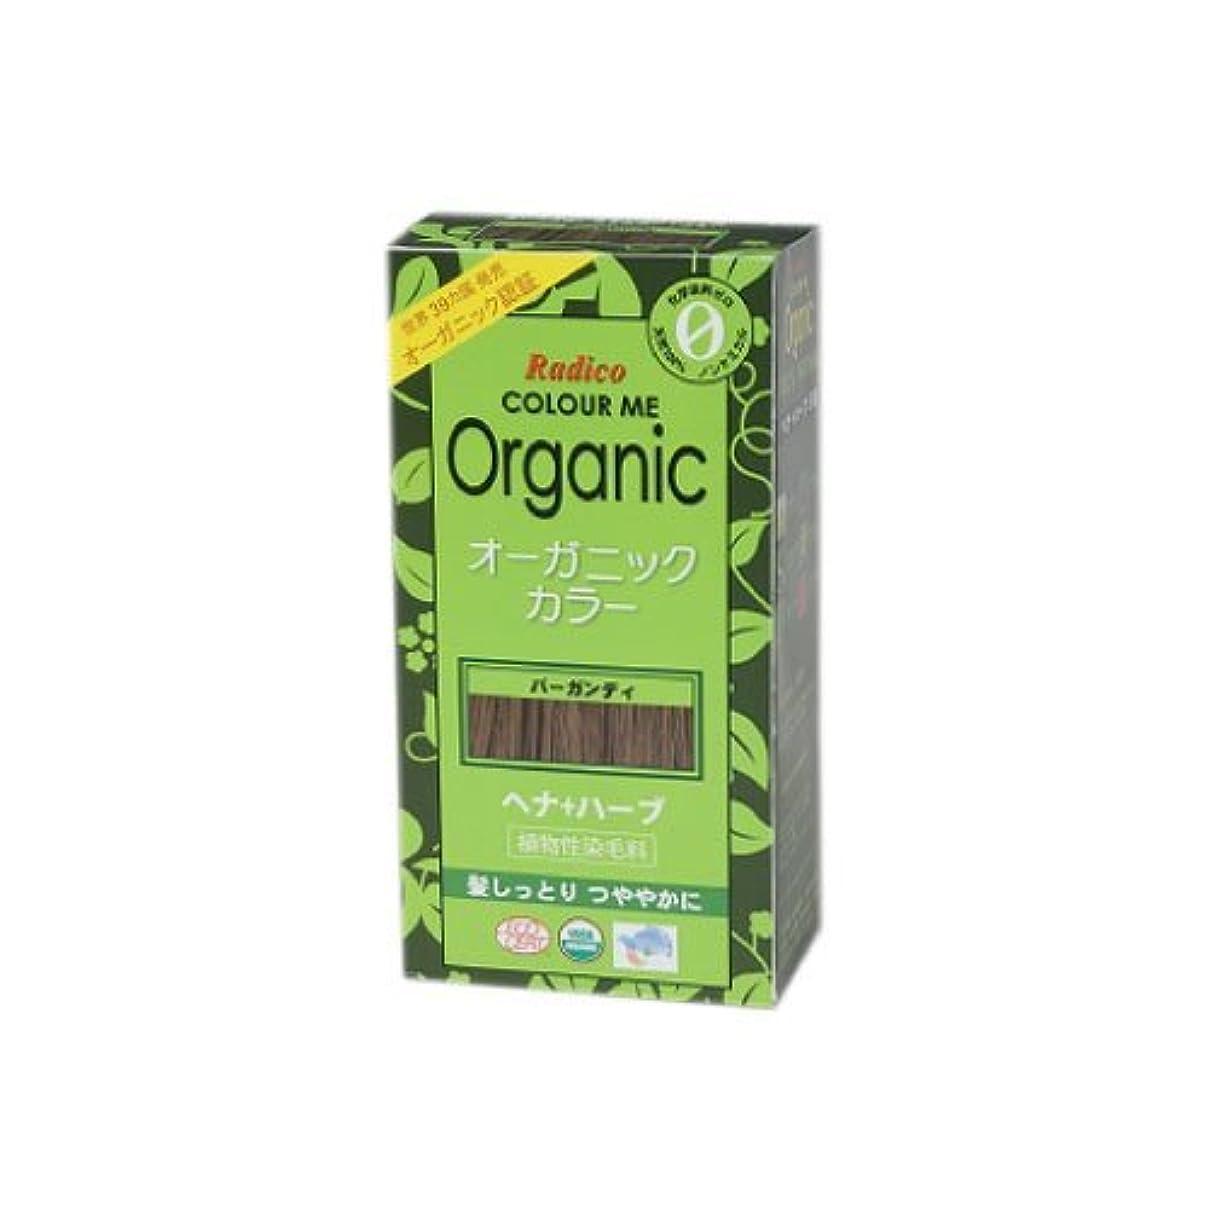 我慢するデモンストレーション再生的COLOURME Organic (カラーミーオーガニック ヘナ 白髪用) バーガンディ 100g